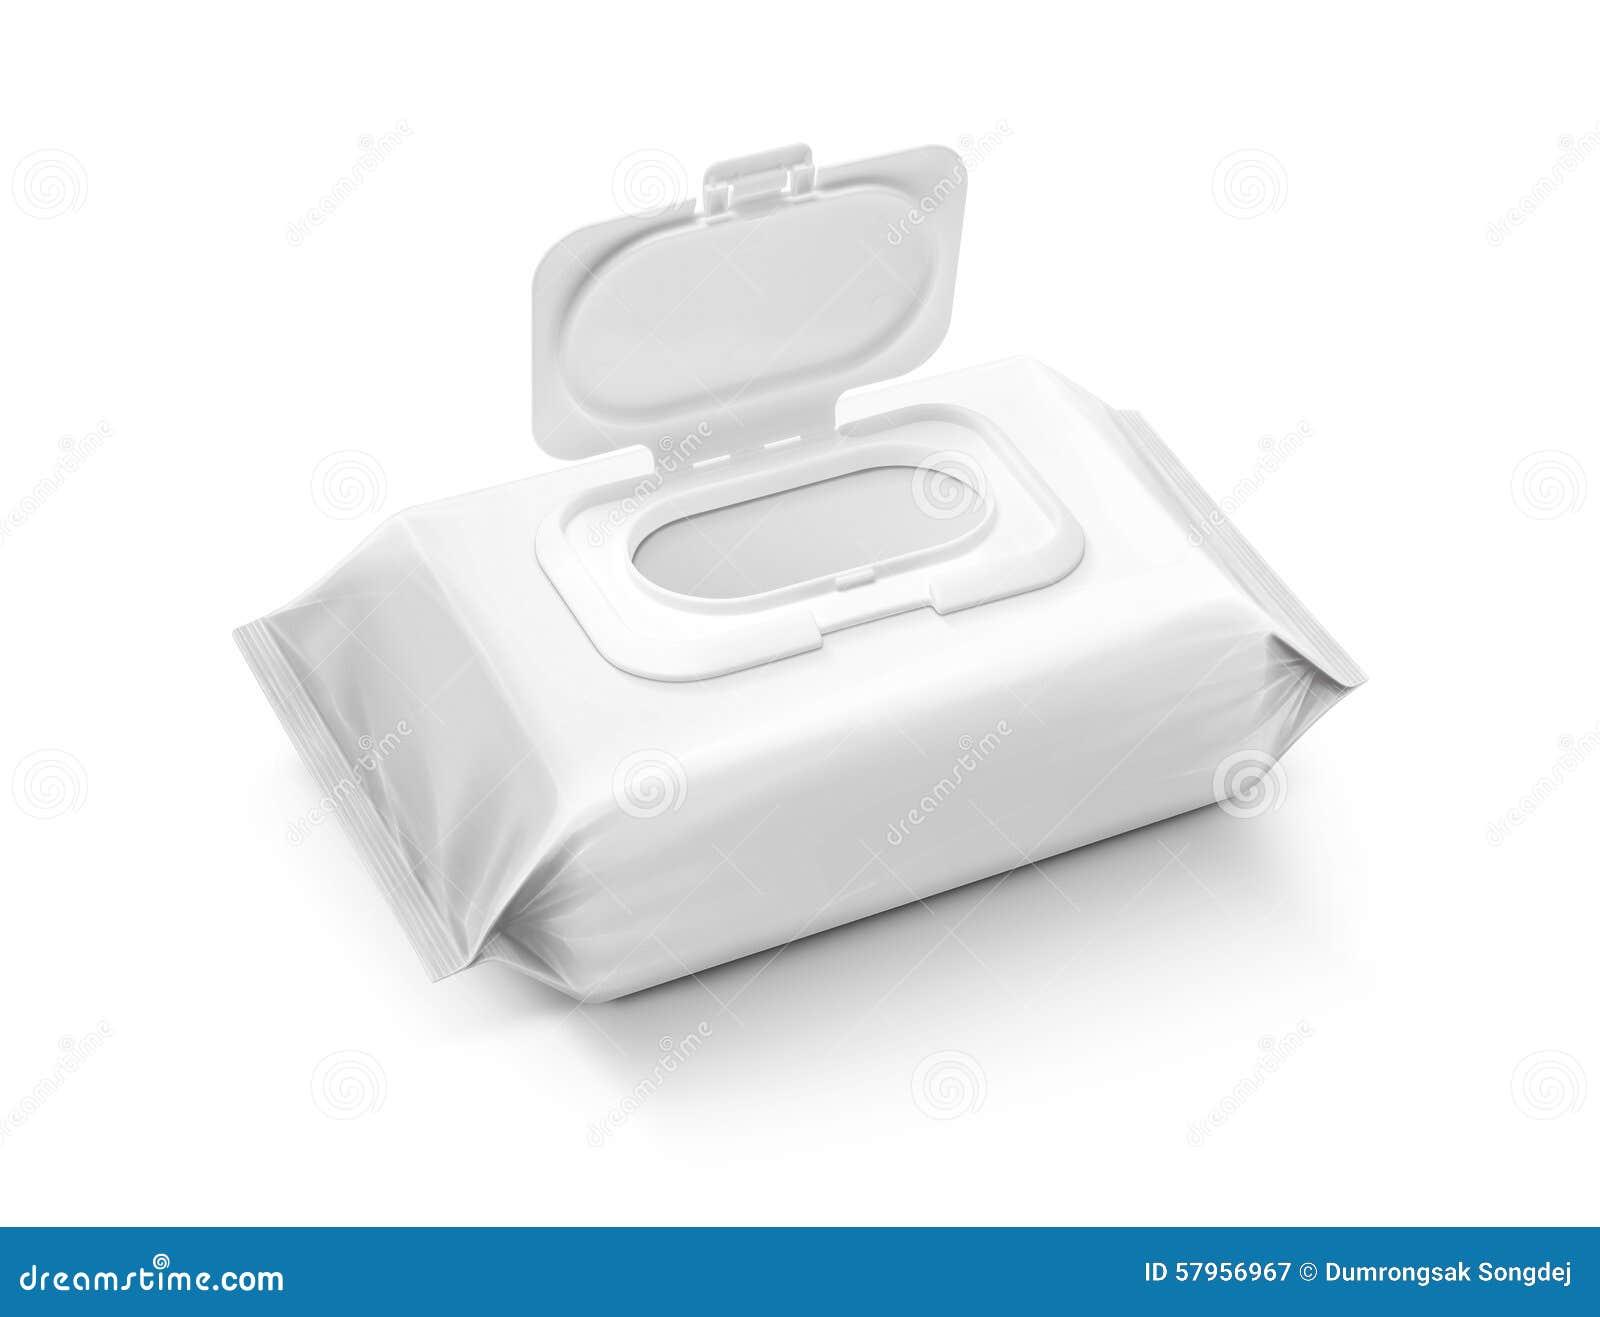 Sacchetto bagnato d imballaggio in bianco delle strofinate isolato su fondo grigio